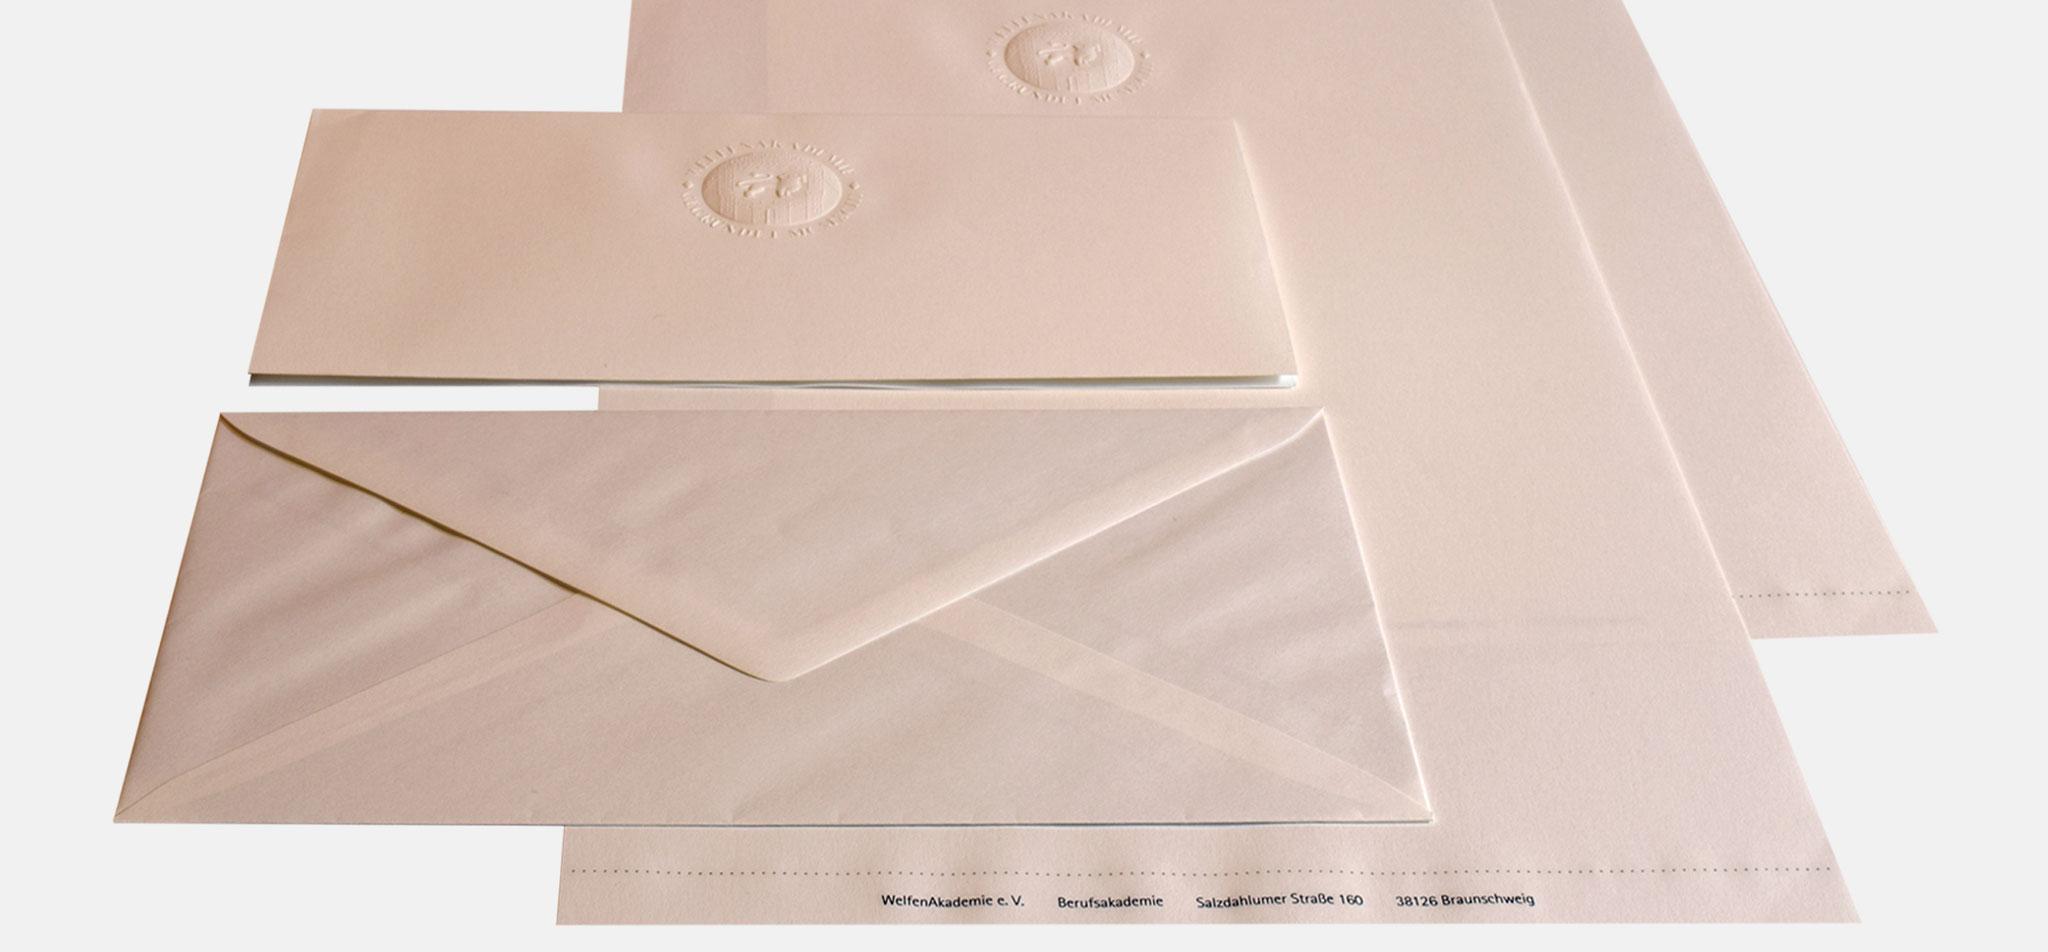 WELFENAKADEMIE | executive briefpapier – infragrau, gute gestaltung